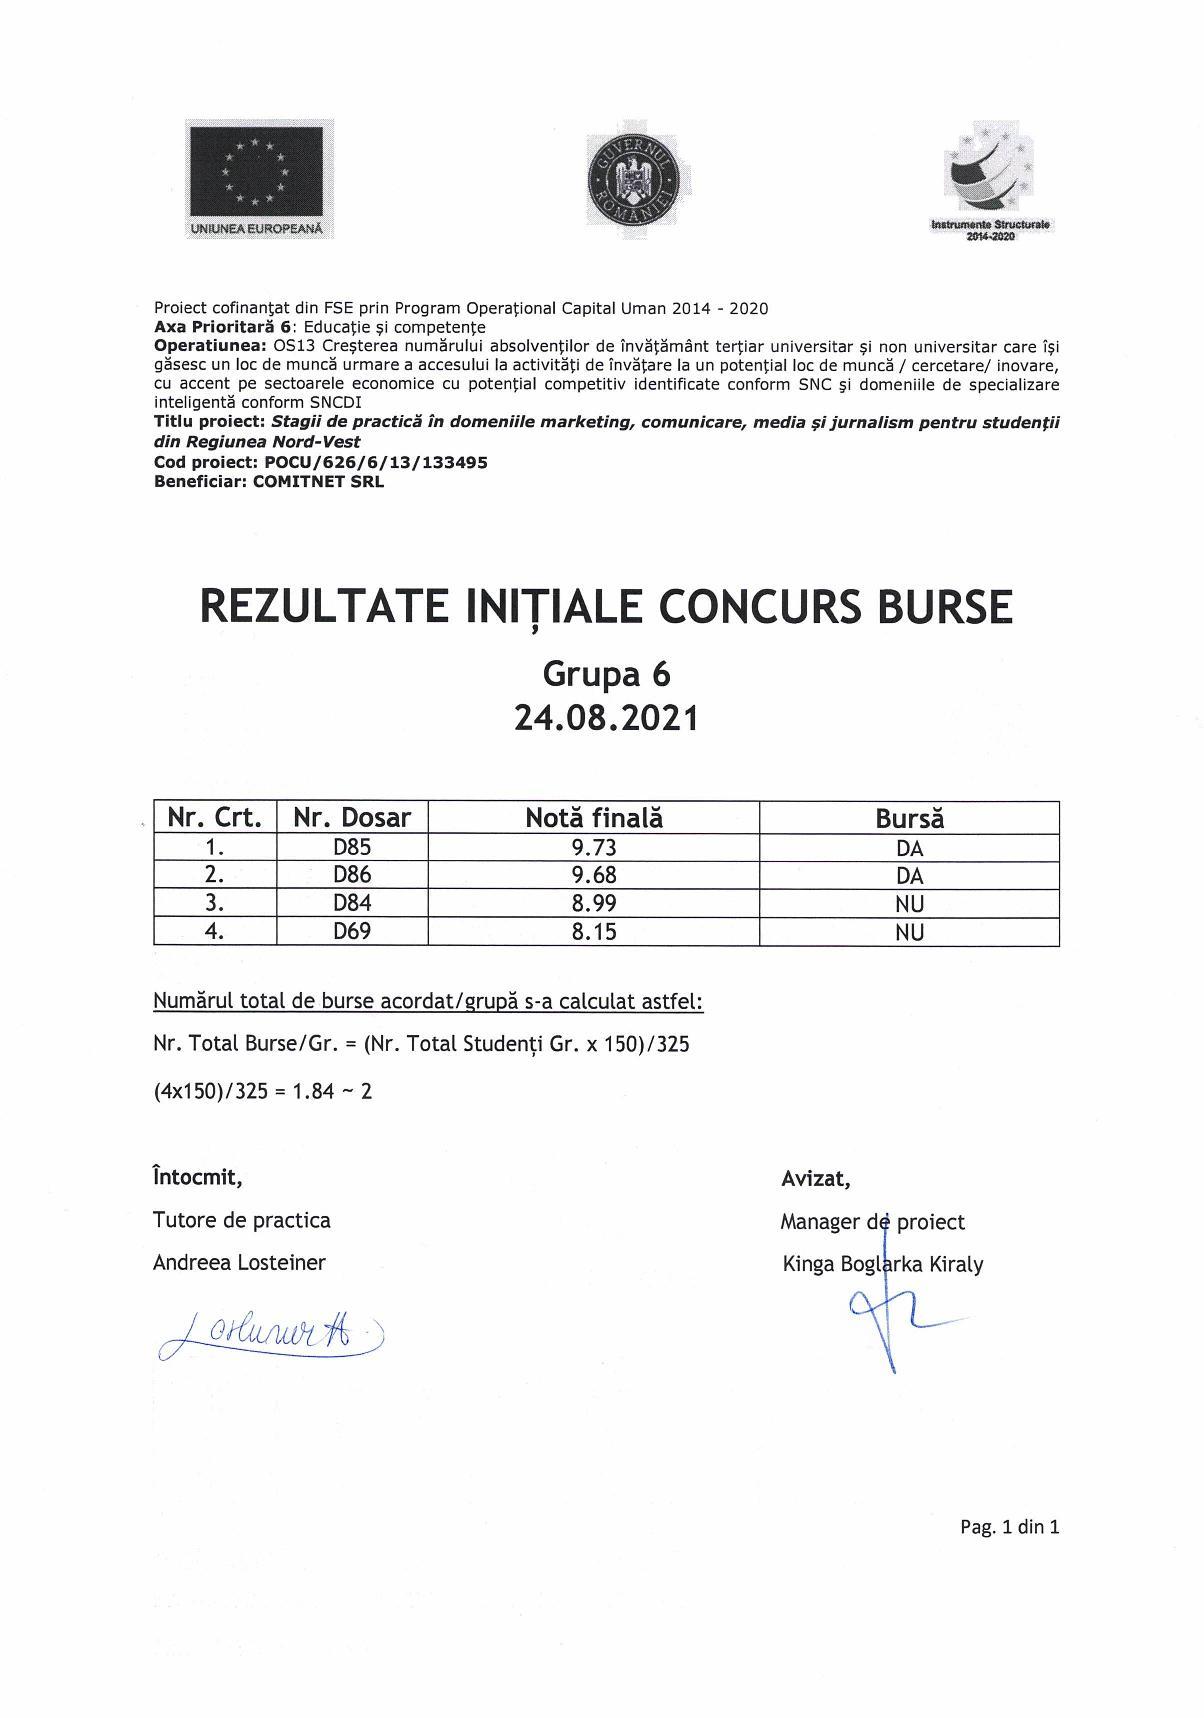 Rezultate initiale burse - gr. 6-page-001